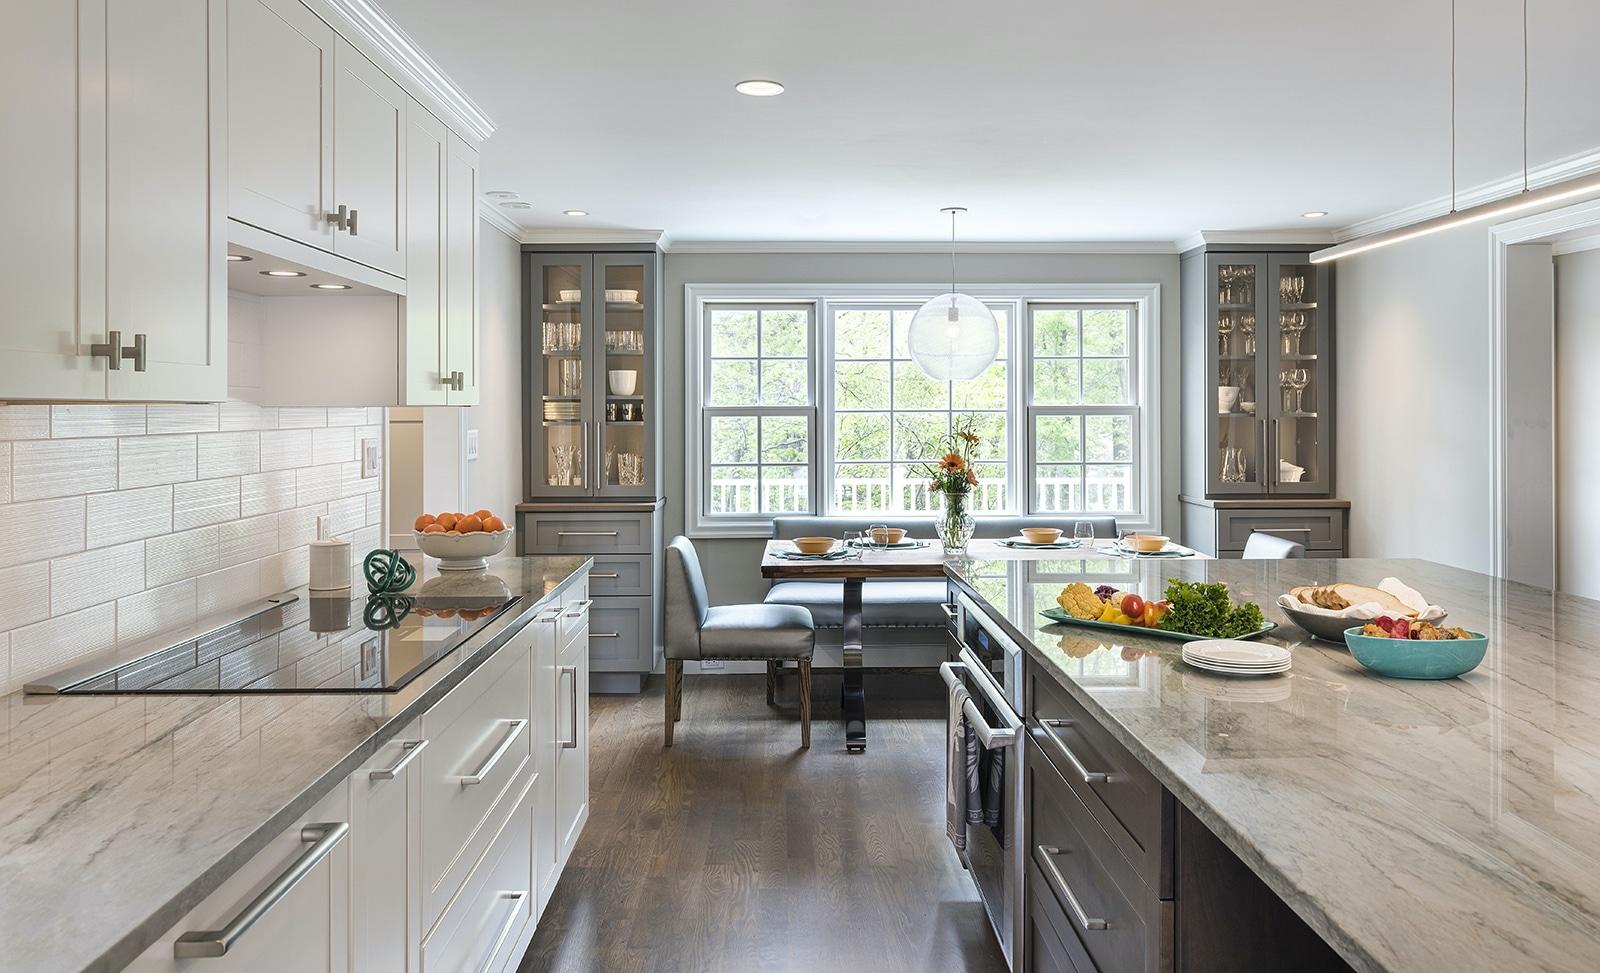 Best Kitchen Cabinet Brands In 2020 Insider Tips